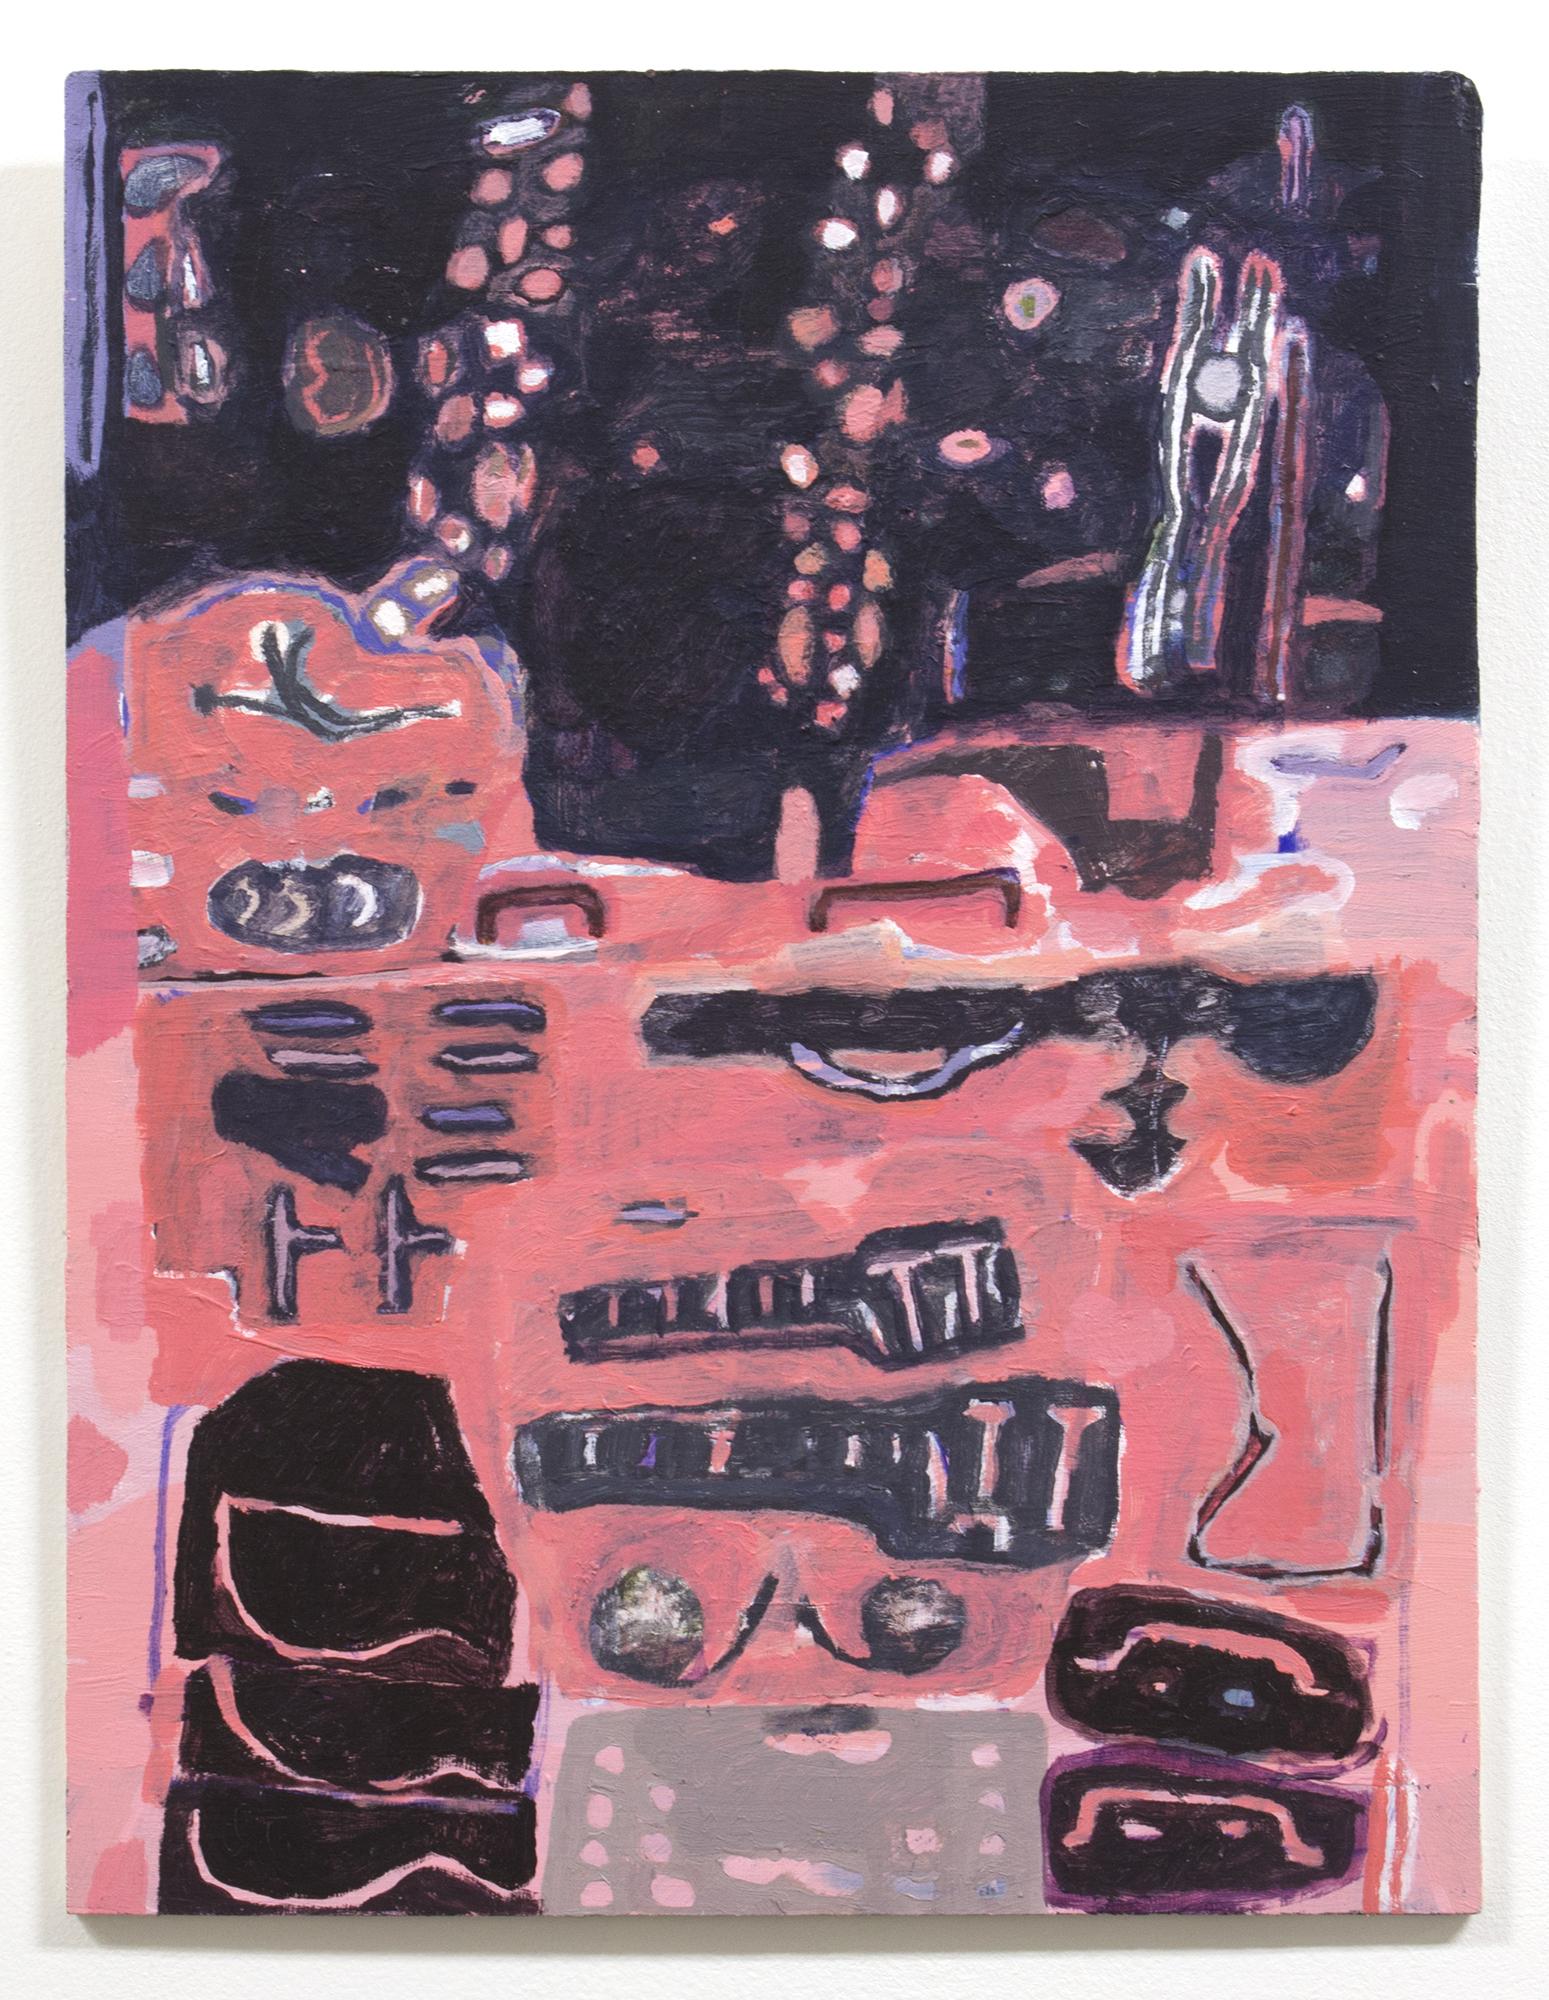 paul painting untitled (pink).jpg